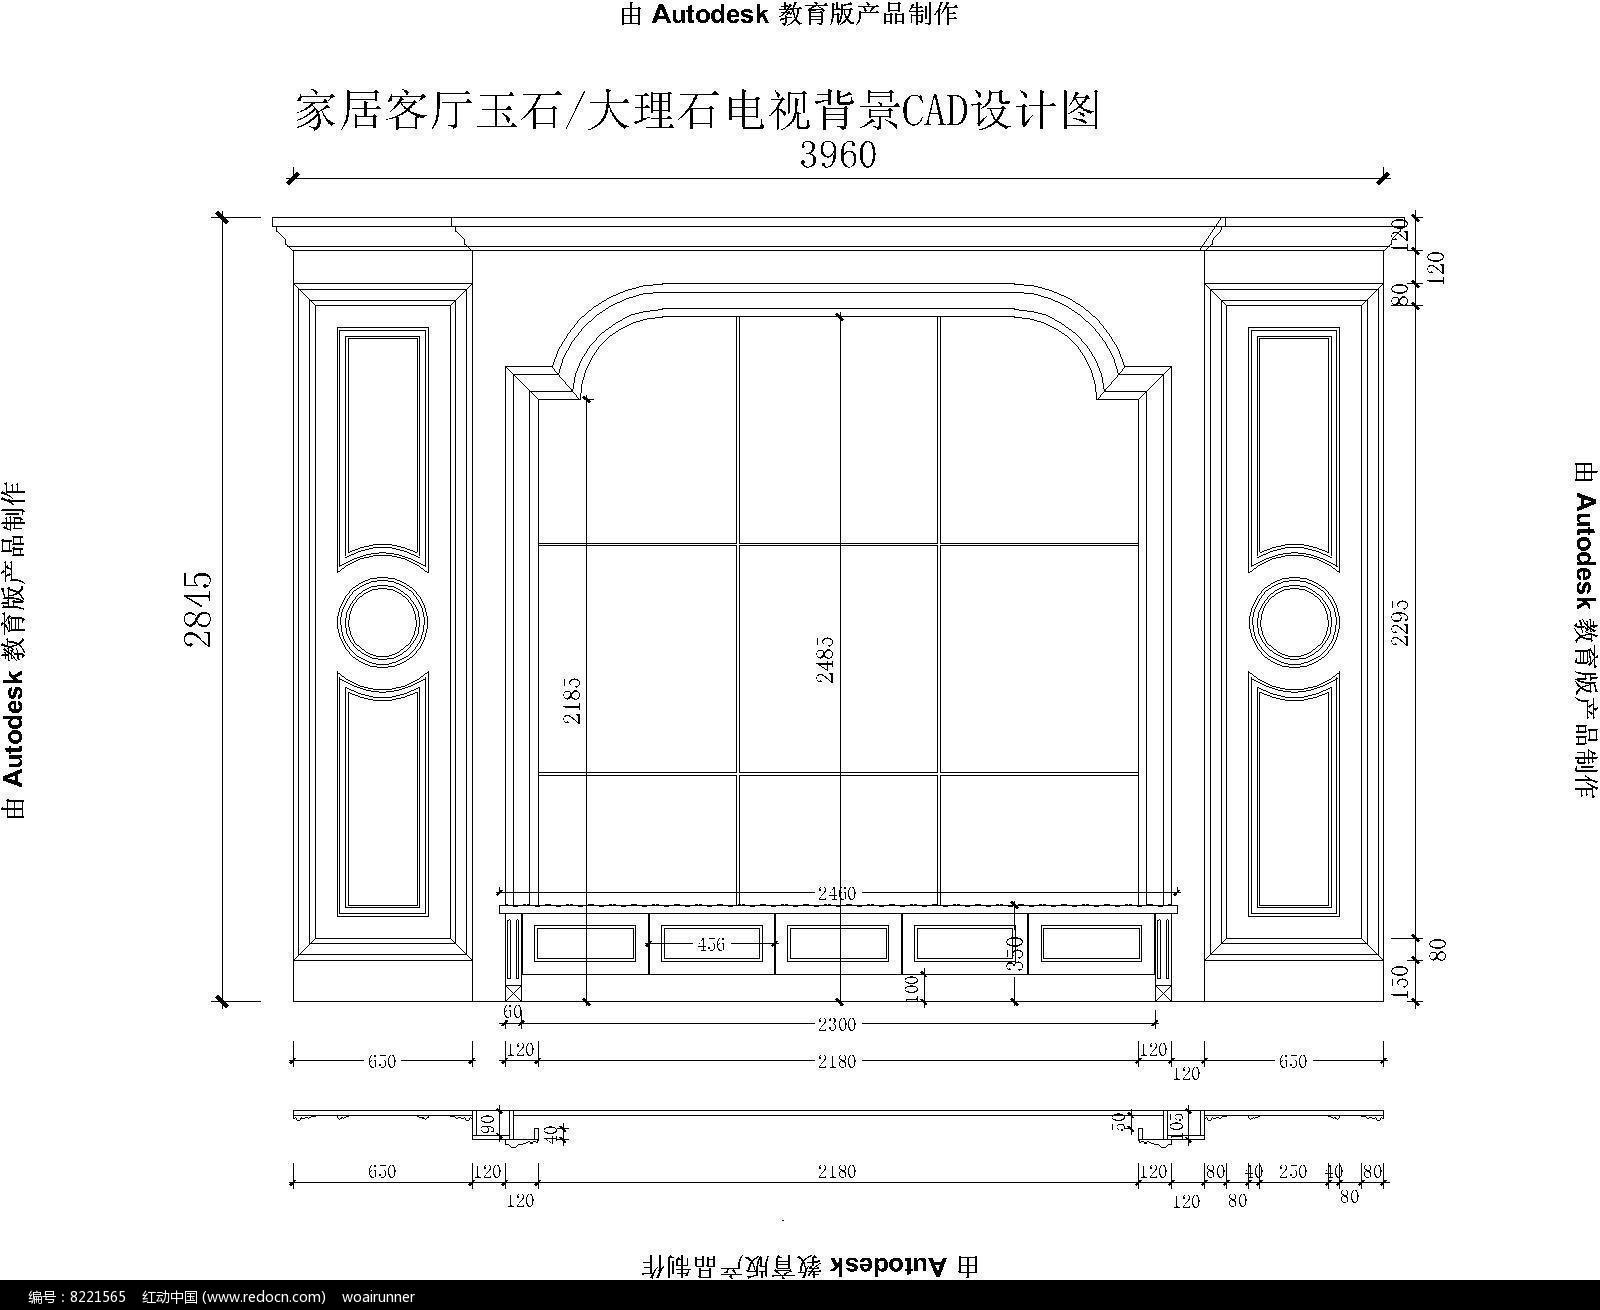 欧亚米黄客厅大理石电视背景墙CAD设计图纸立面图图片